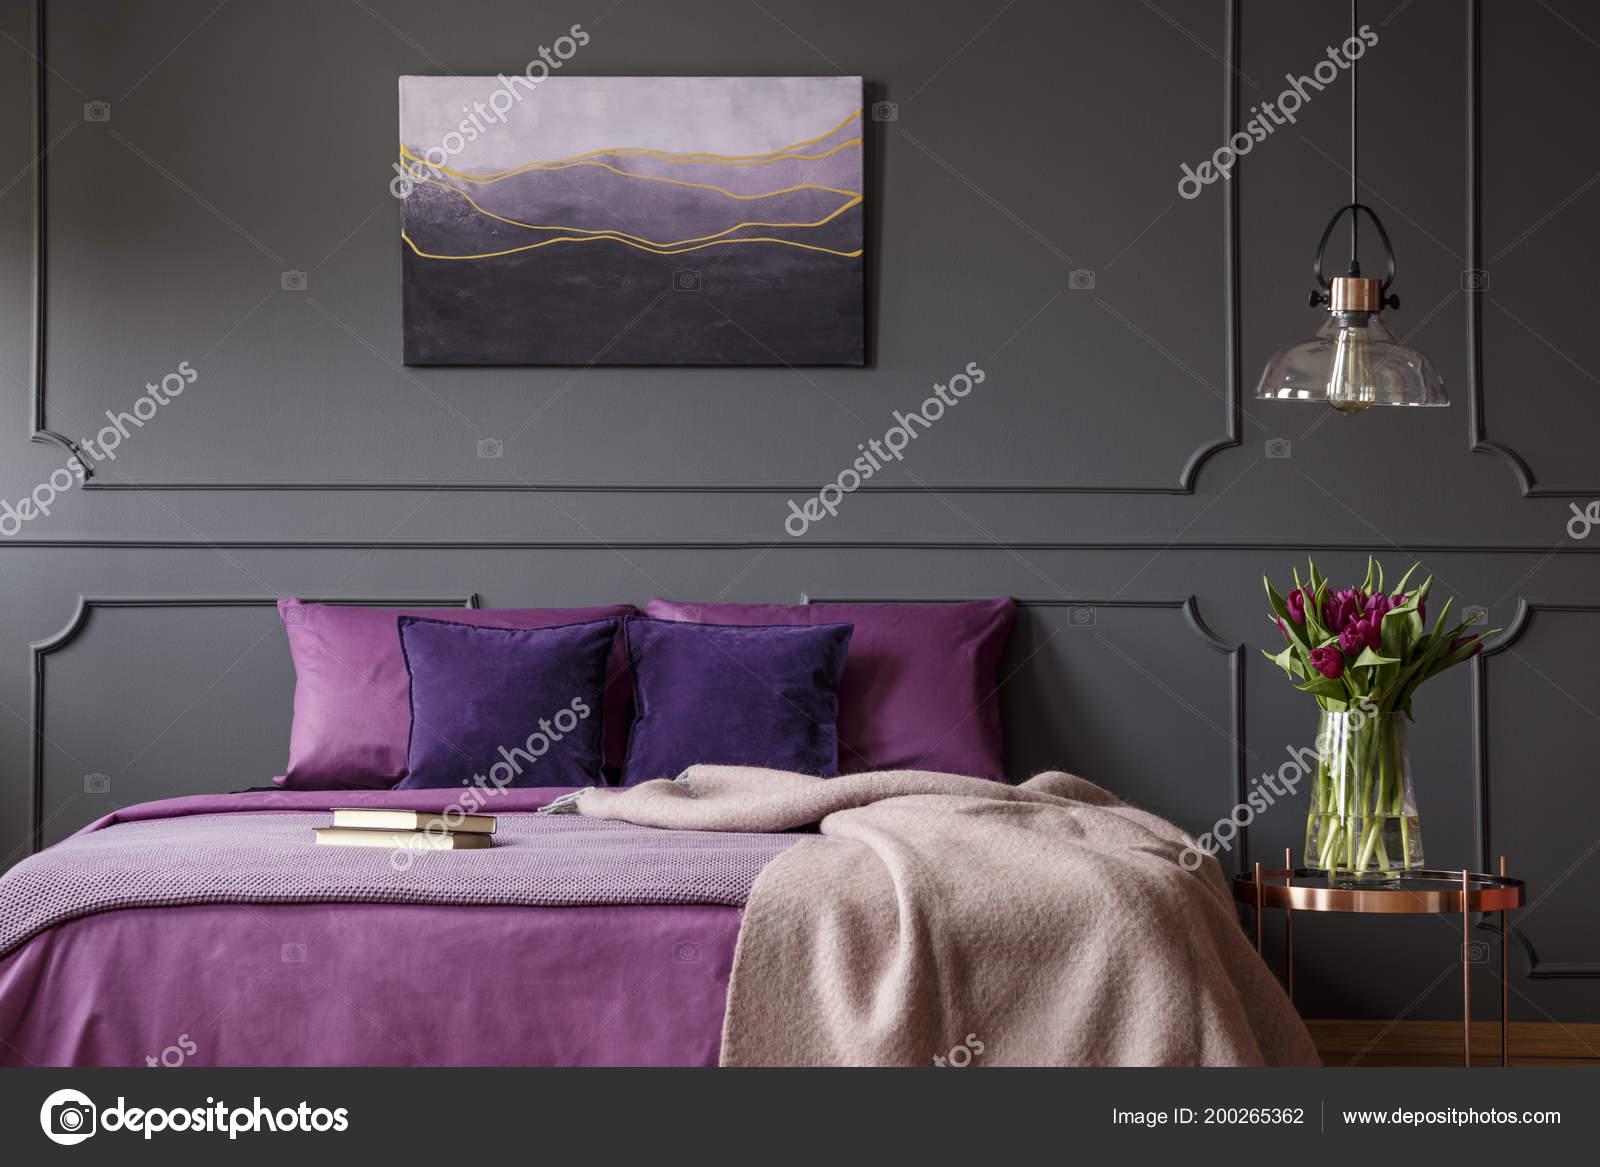 Decke Auf Lila Bett Neben Tisch Mit Blumen Schlafzimmer Innenraum ...